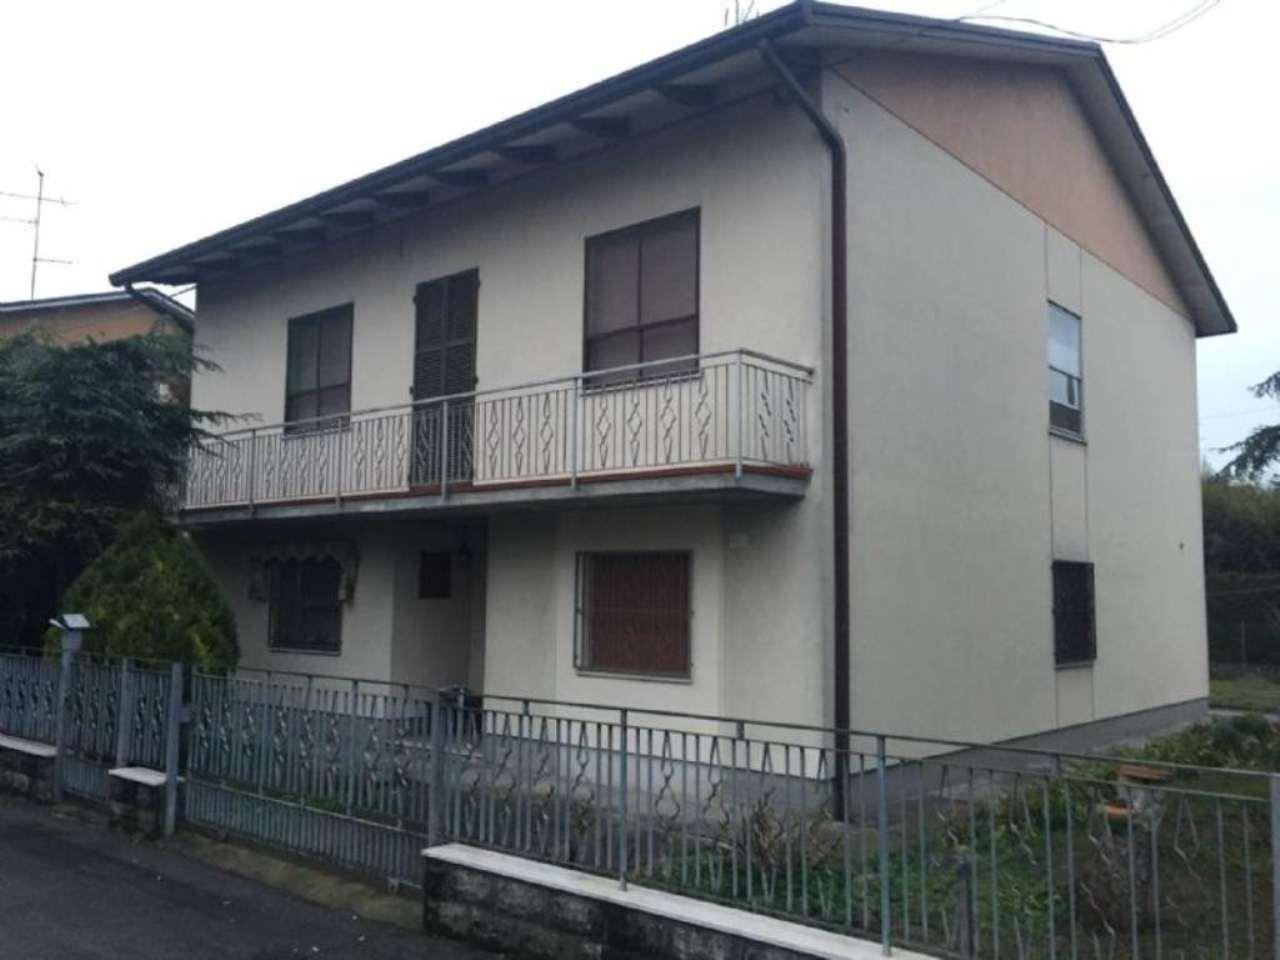 Soluzione Indipendente in vendita a Bagnacavallo, 9 locali, prezzo € 240.000 | Cambio Casa.it